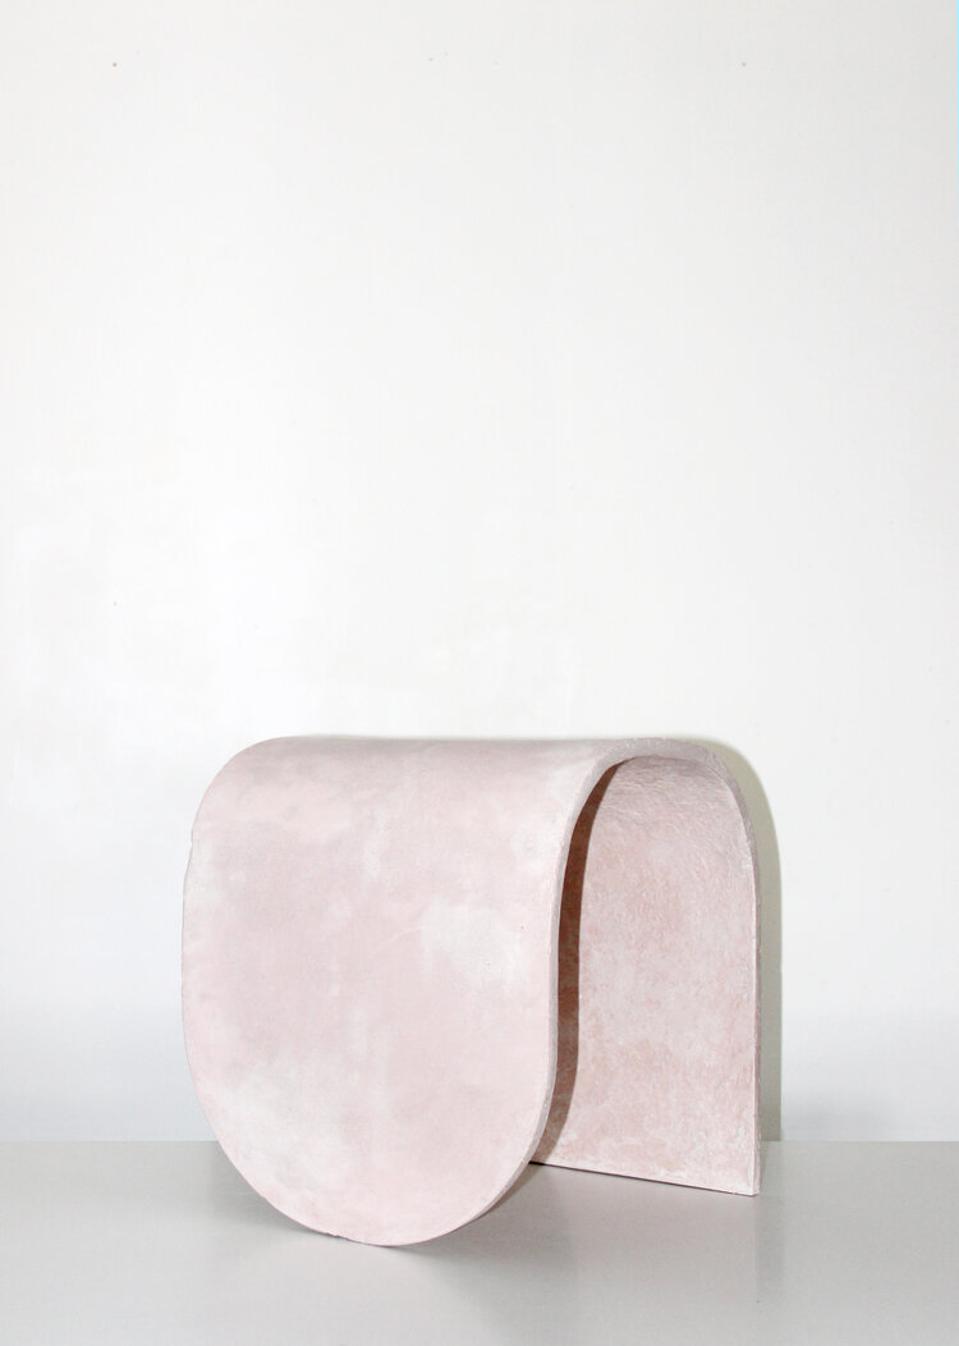 bent concrete stool